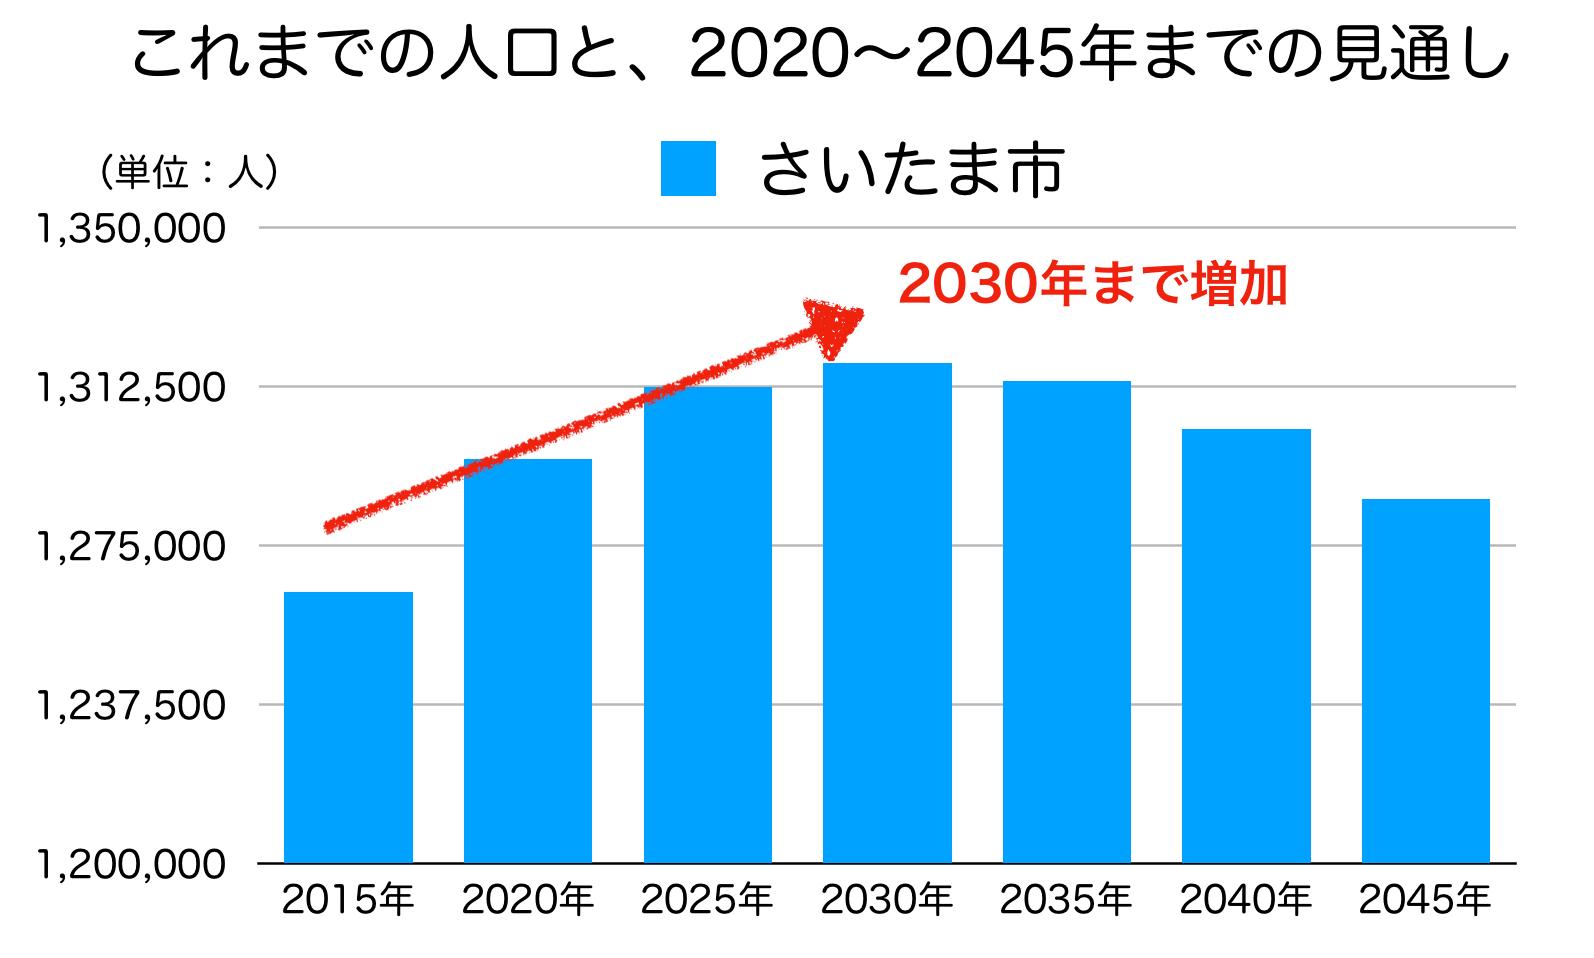 さいたま市の人口推計